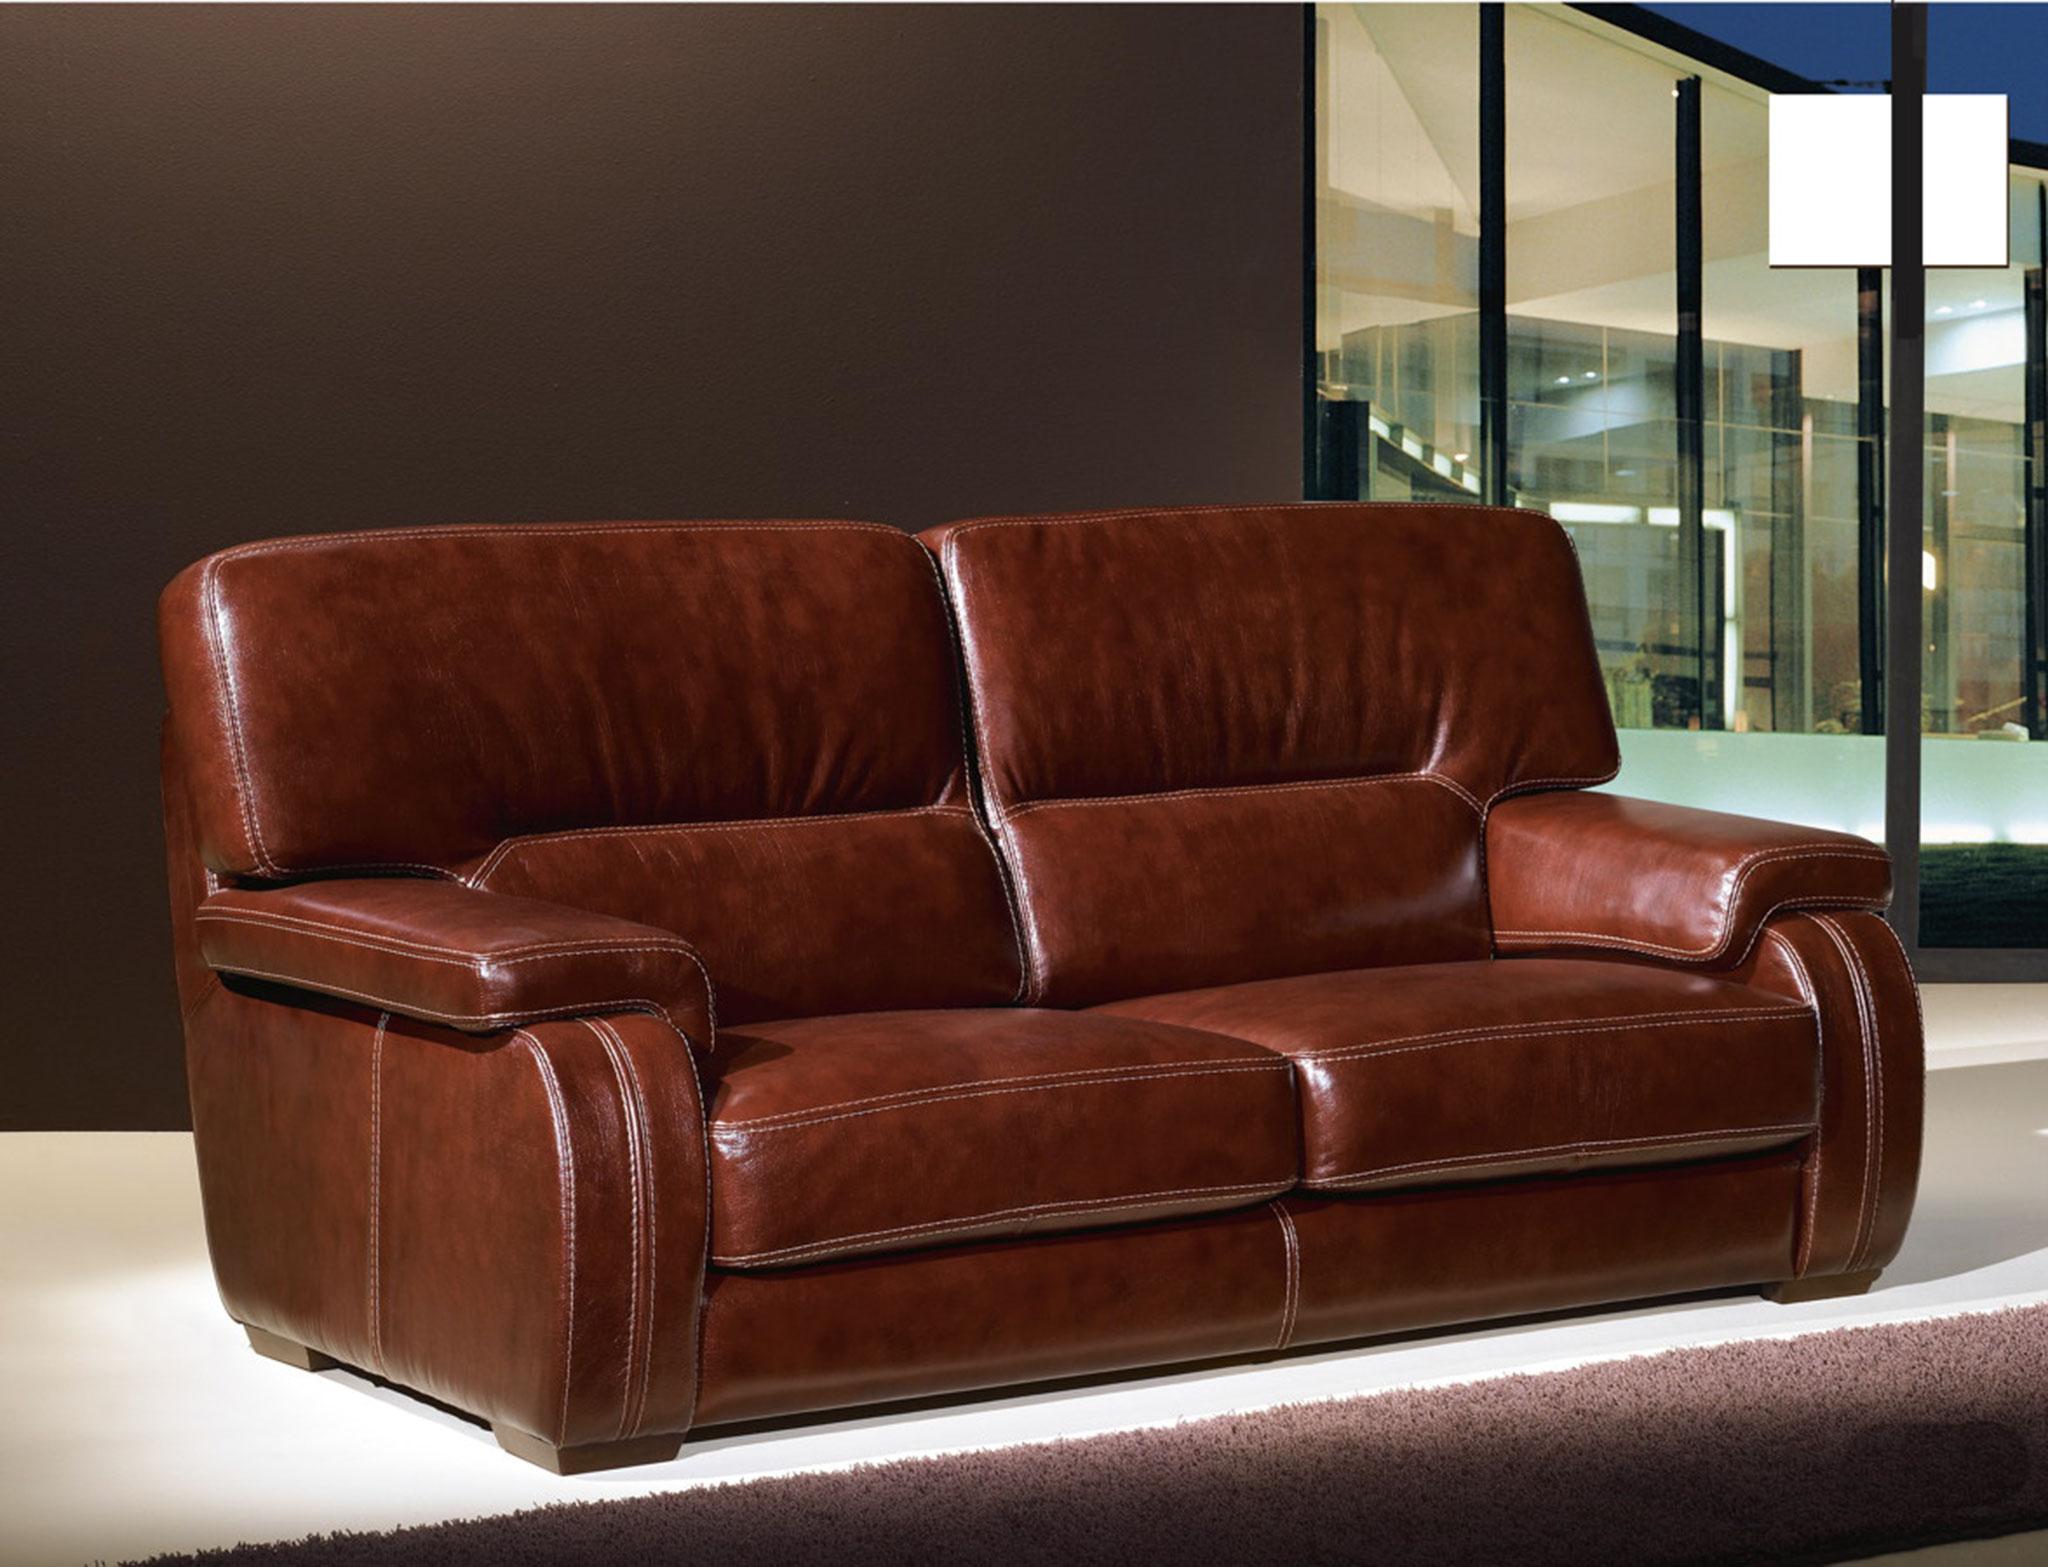 fauteuil salon en cuir 20 – Idées de Décoration intérieure